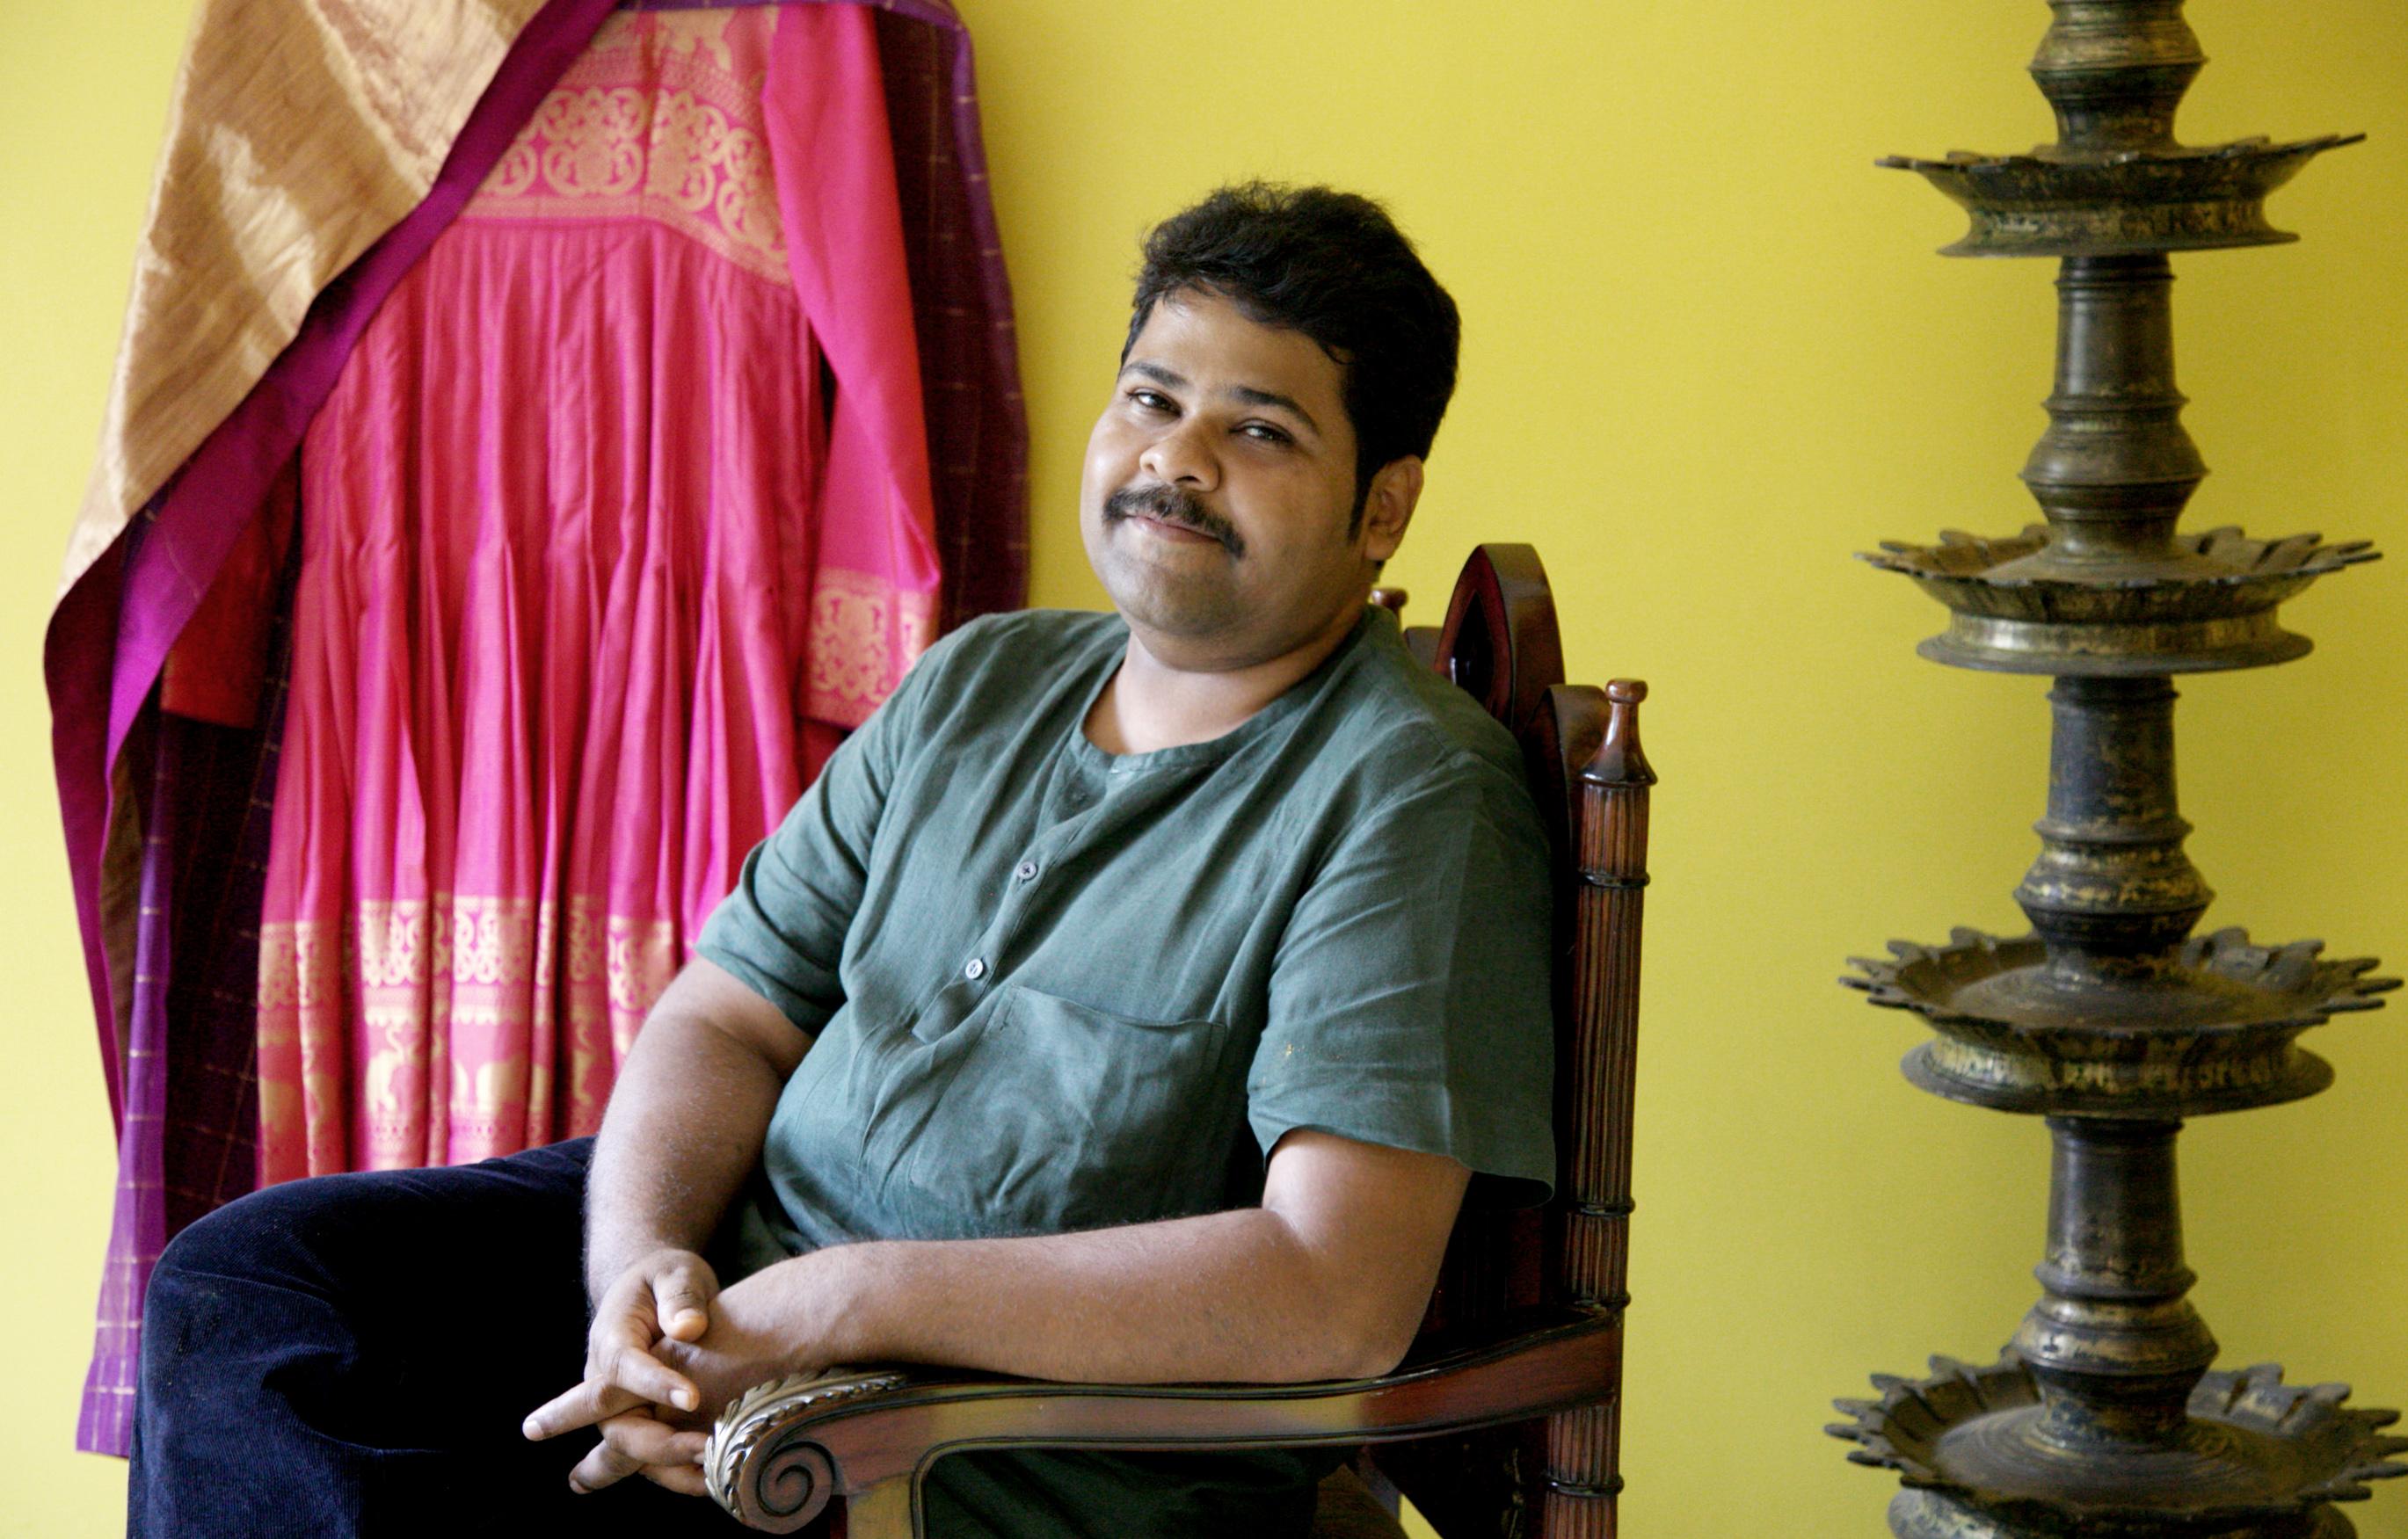 gaurang_profile